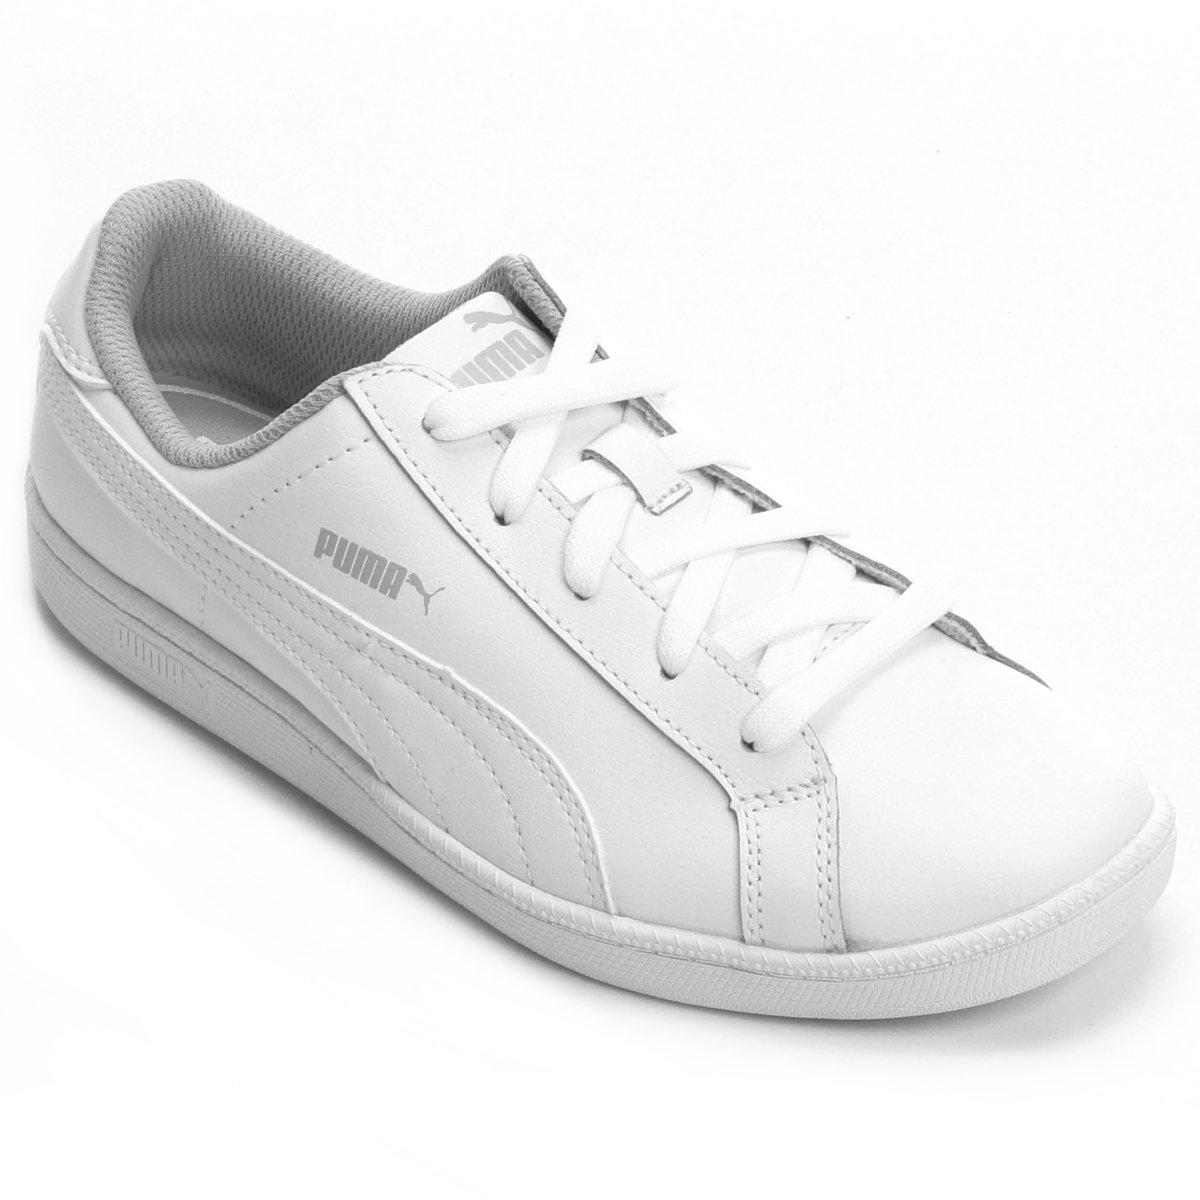 ... Tênis Puma Smash Fun L Infantil - Compre Agora Netshoes 82c956857e4a58  Tênis  Couro ... fe9b6c108c458